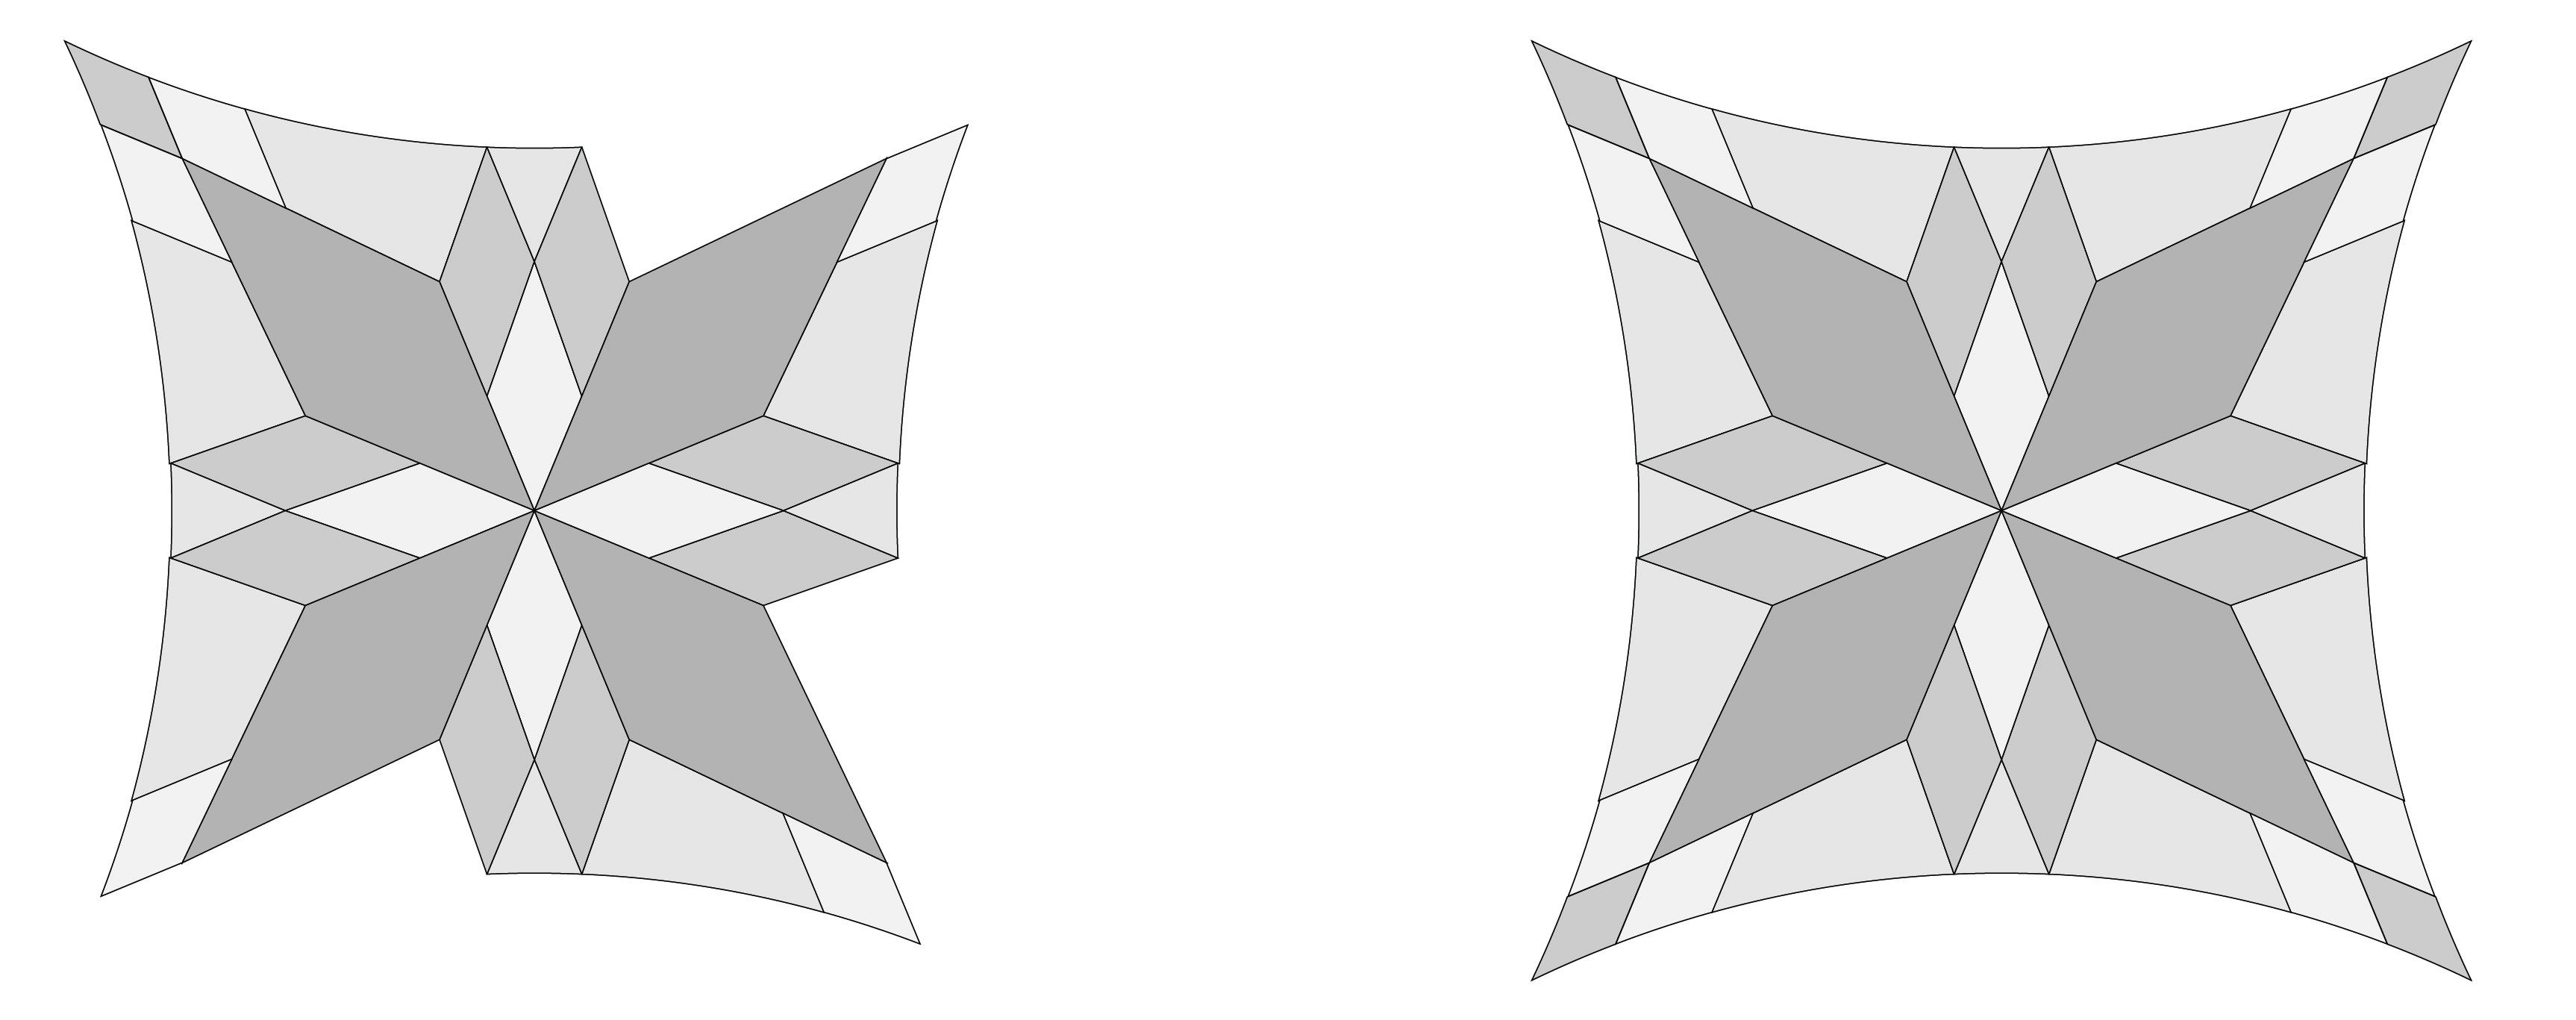 Diagrams-08